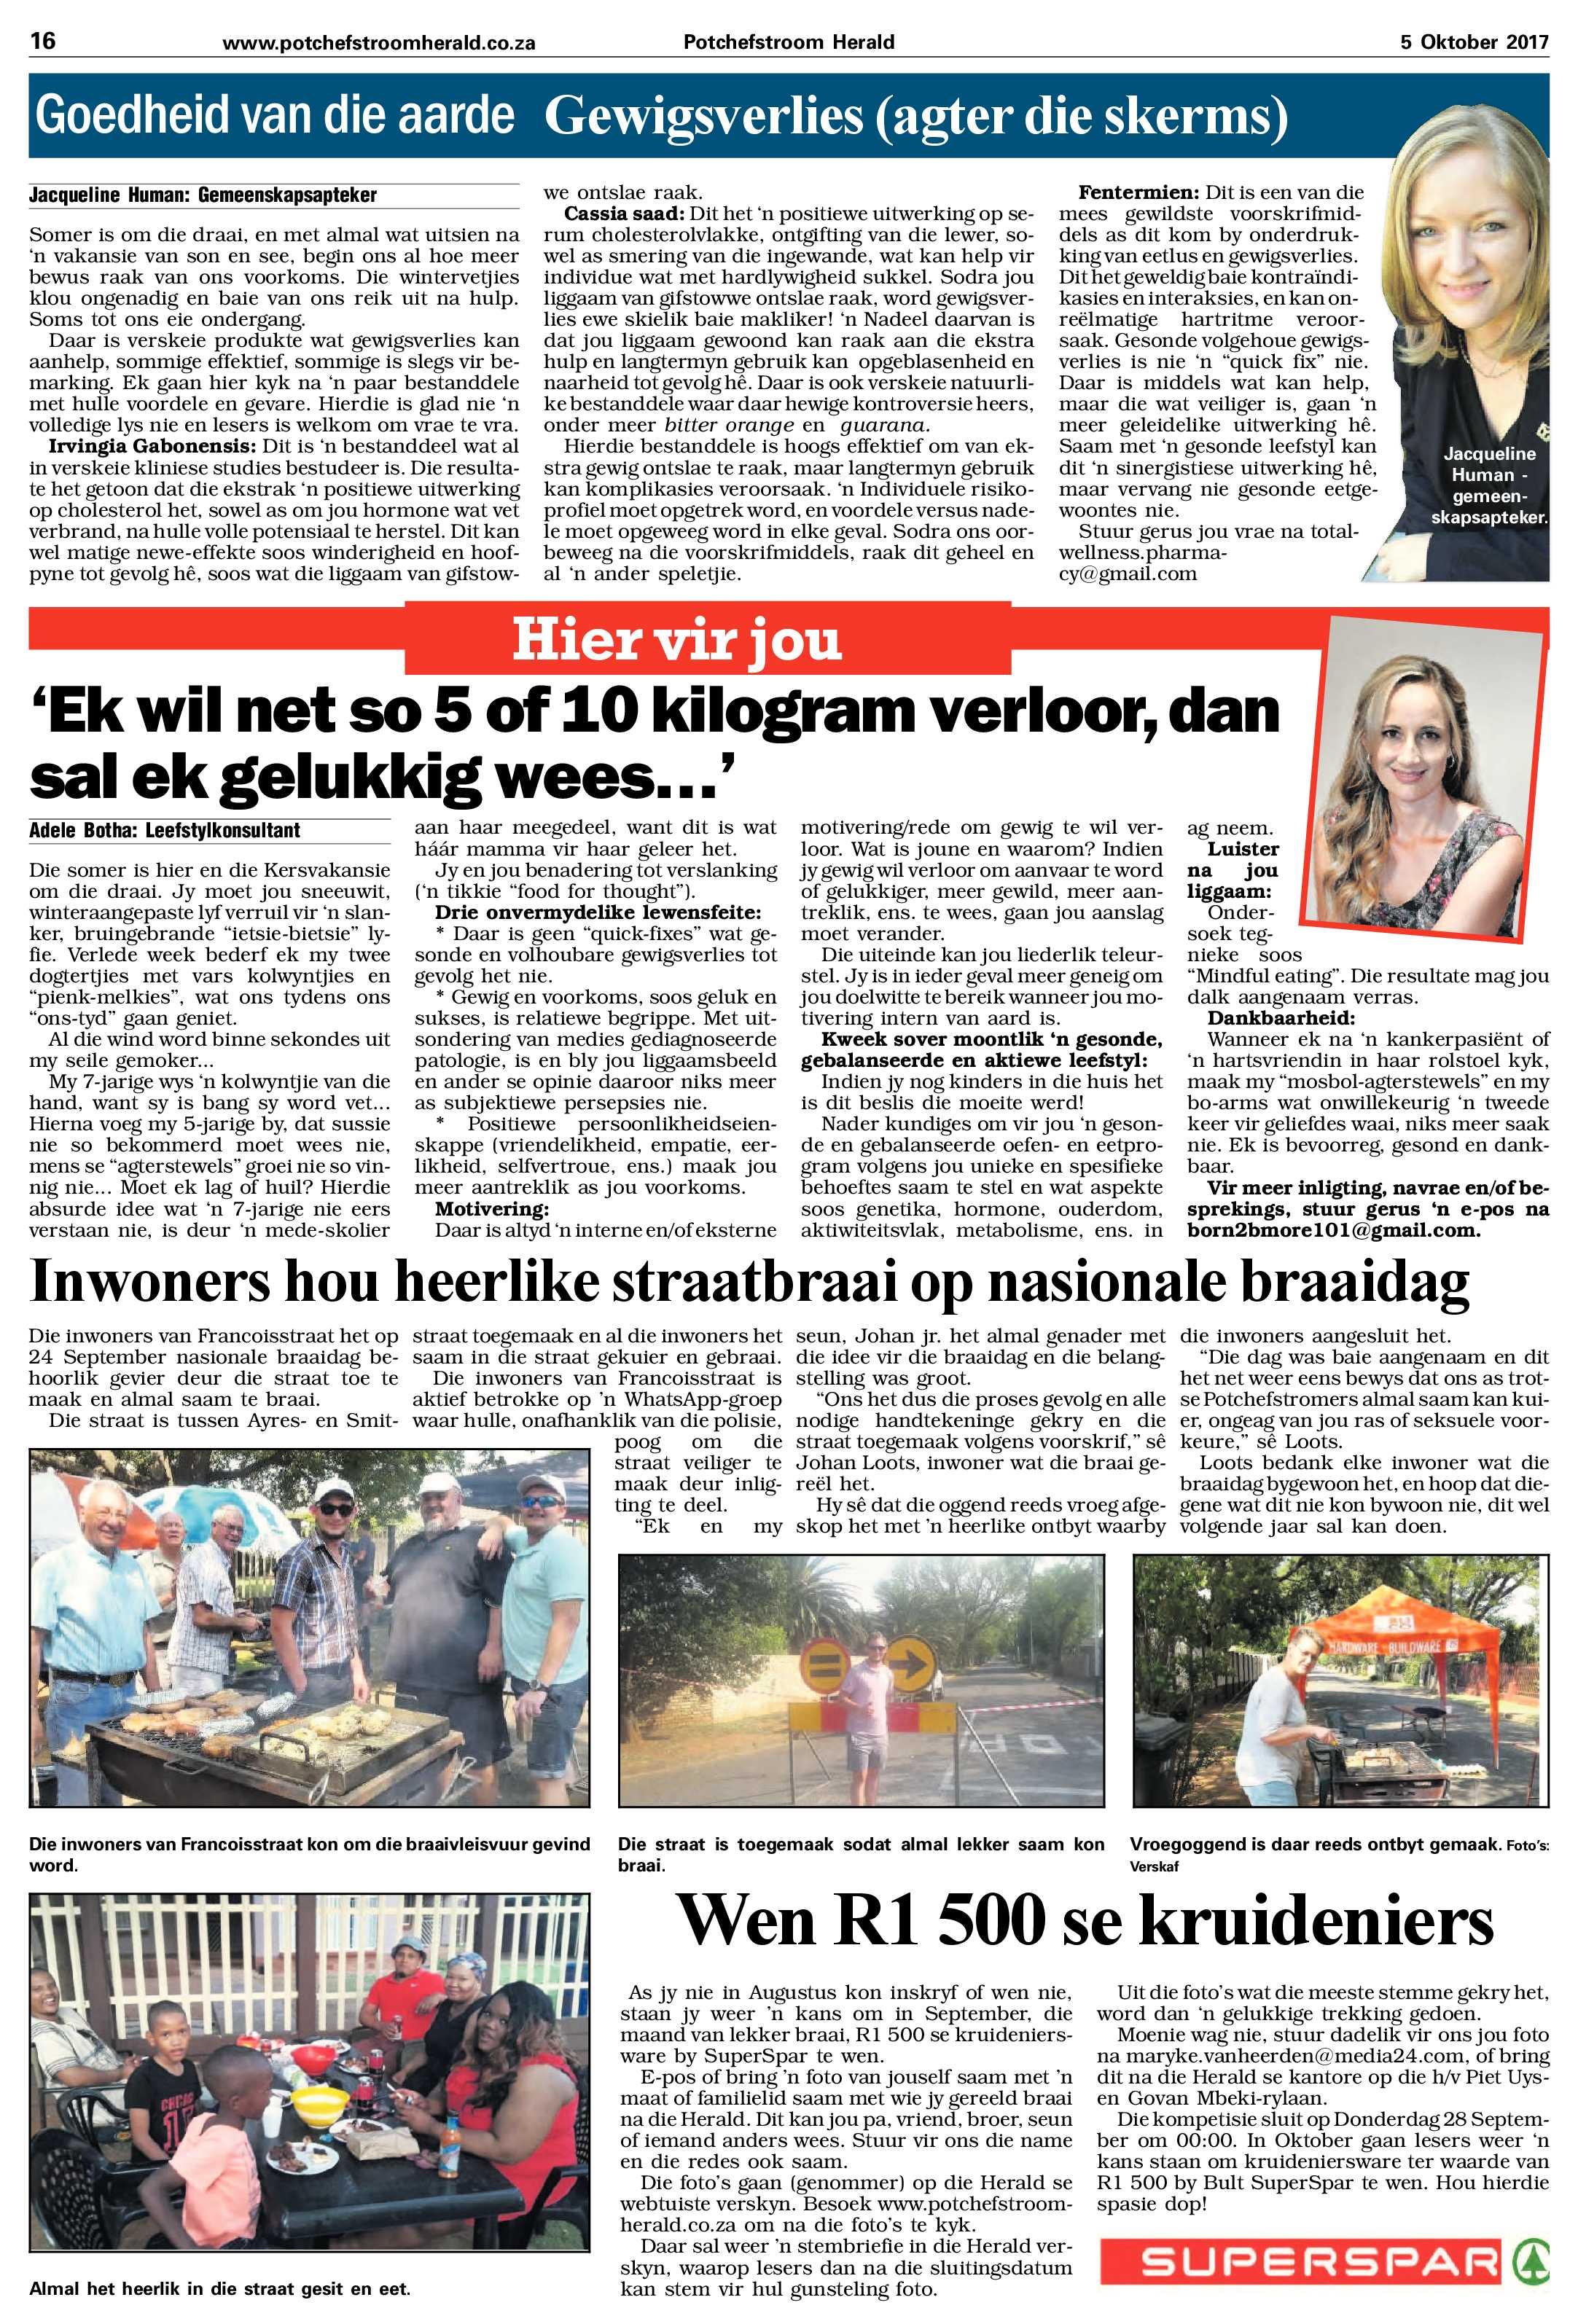 5-oktober-2017-epapers-page-16